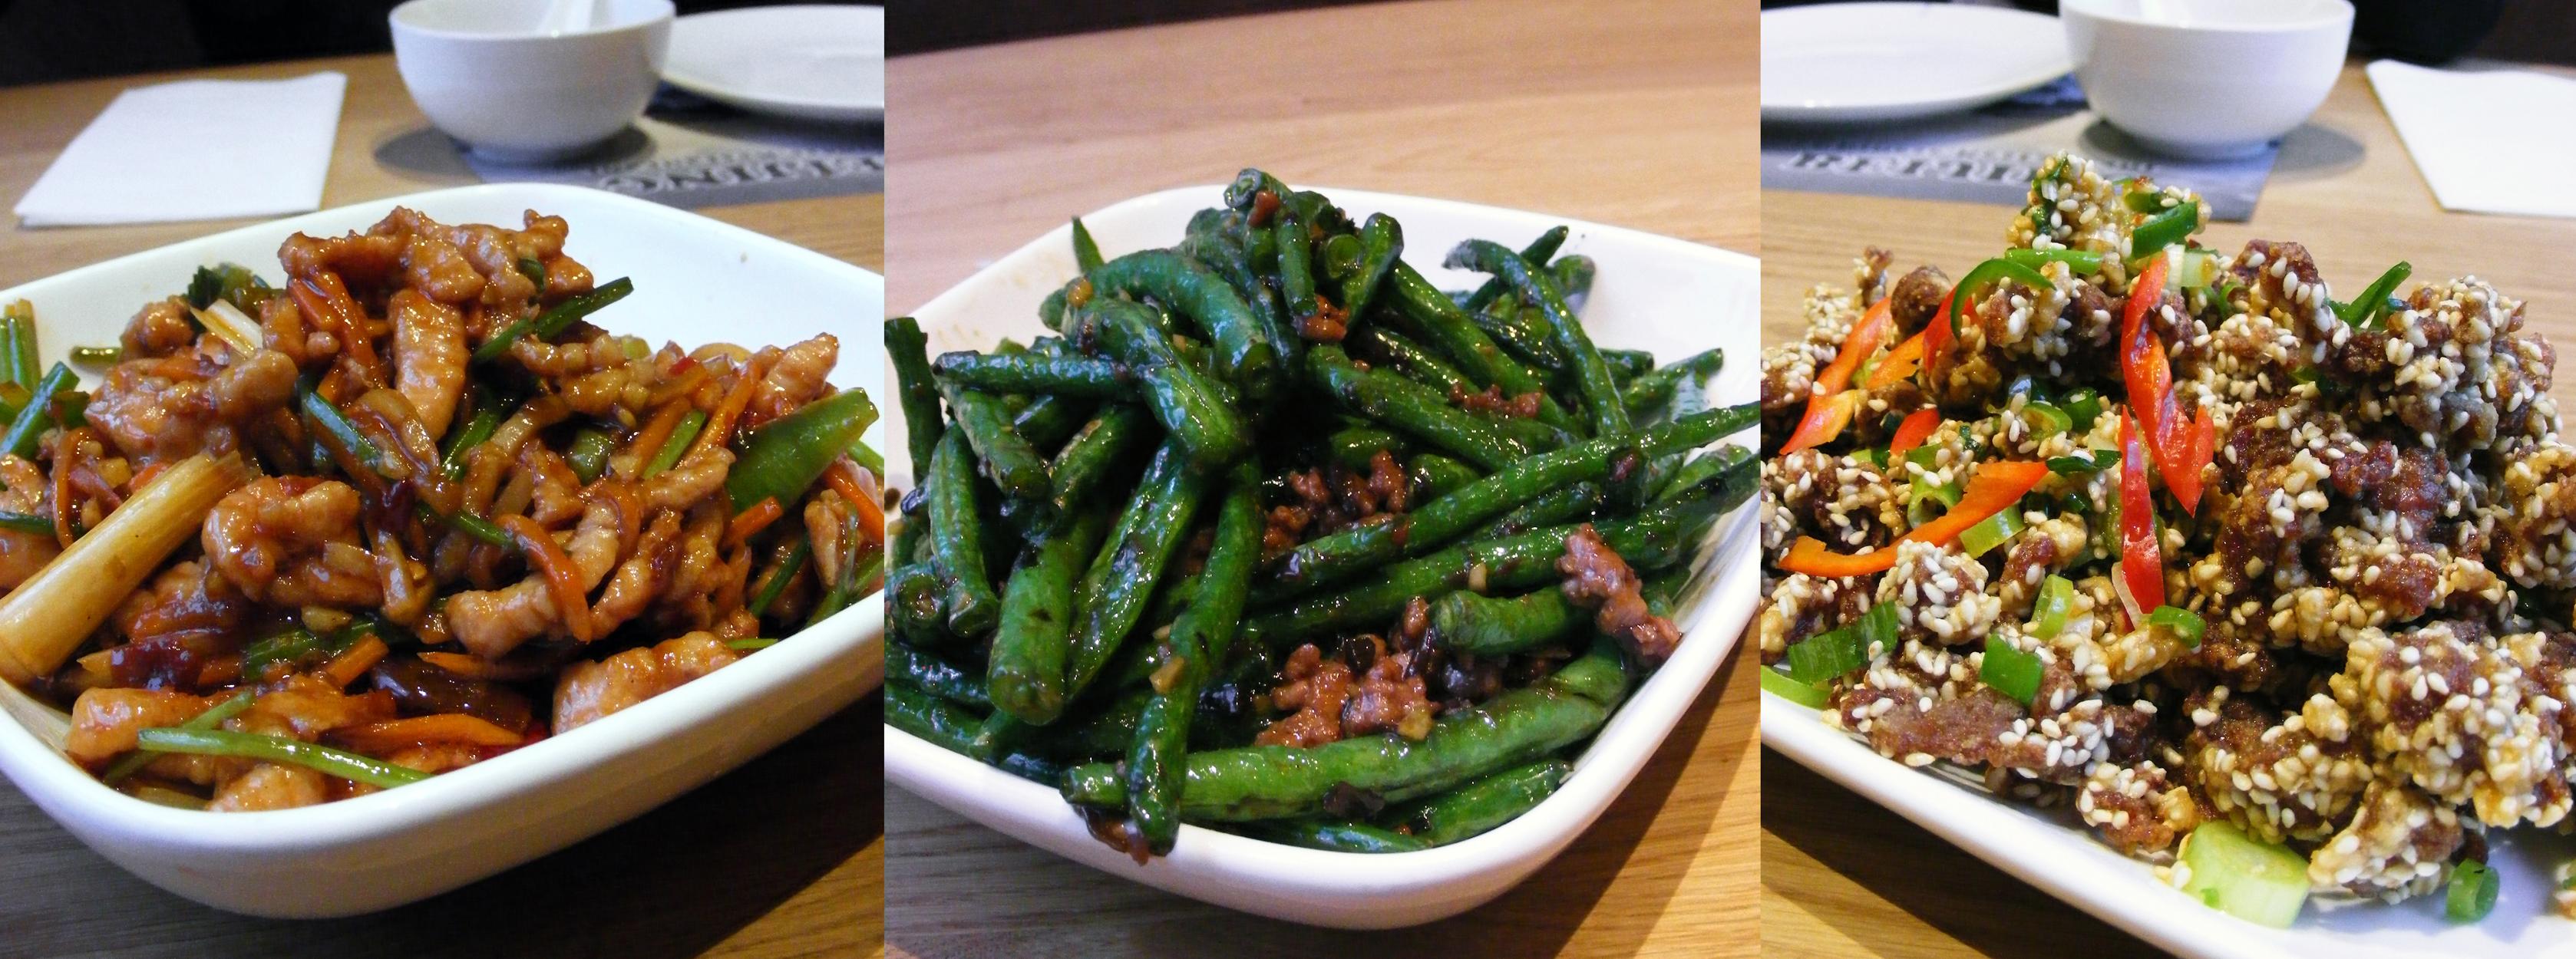 Authentiek Chinees Restaurant Beijing op West-kruiskade in Rotterdam ...: www.aziatische-ingredienten.nl/restaurant-beijing-rotterdam